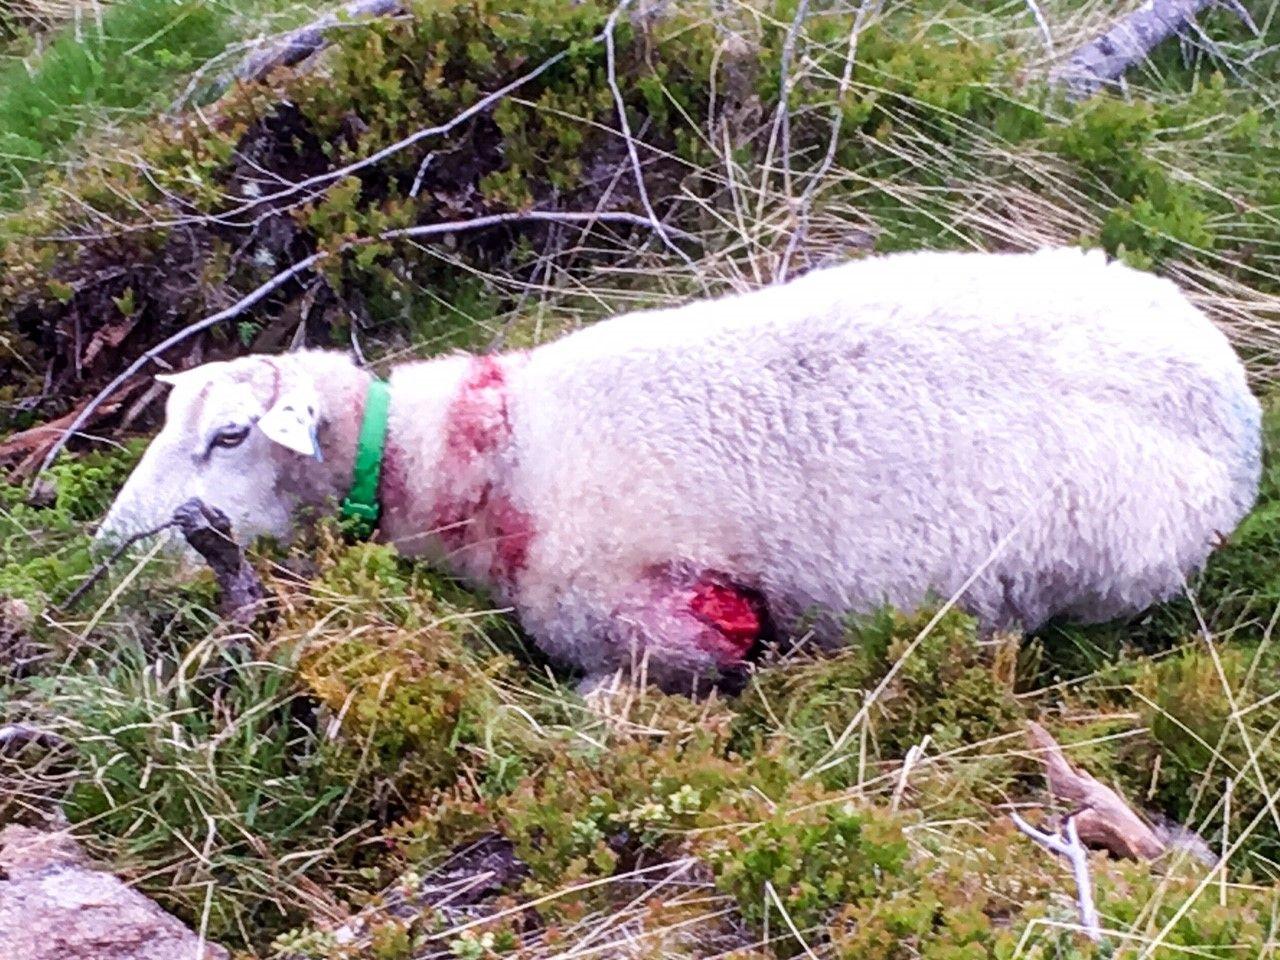 TATT AV ULV: På bare få dager har nærmere 70 sau mistet livet etter møte med ulv på sommerbeitet i Oppland.